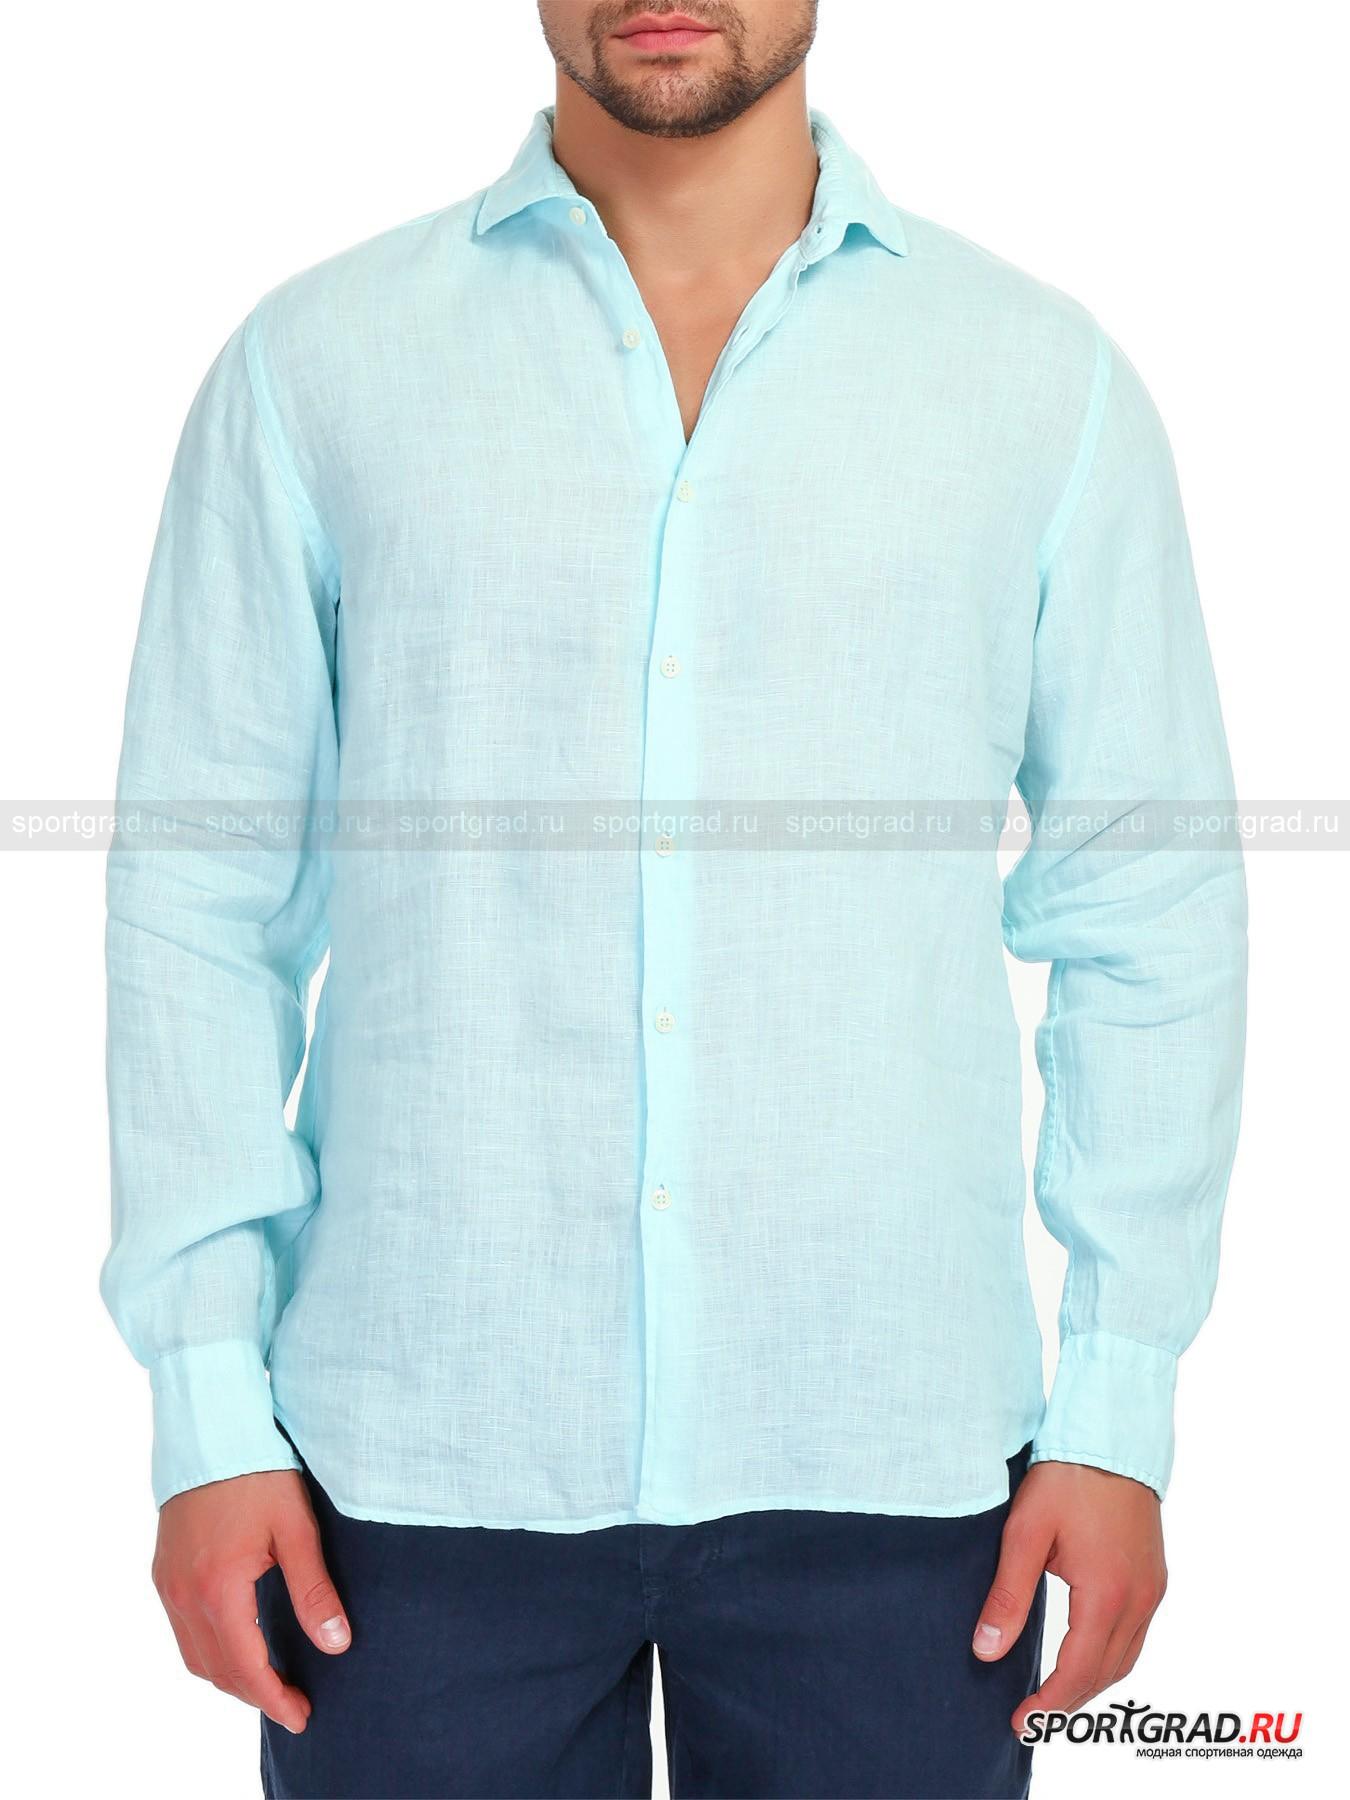 Рубашка мужская MC2 SAINT BARTHРубашки<br>Приятная телу льняная рубашка от набирающего обороты модного итальянского бренда MC2 SAINT BARTH добавит лёгкости Вашему курортному образу. Натуральный лён дышит, быстро высыхает и имеет особенный, несравнимый ни  с чем внешний вид. Этот материал также очень приятен коже и имеет довольно лёгкий вес. Модель имеет свободный крой,  удобные манжеты на 2-х пуговицах,  аккуратный воротник и небольшие разрезы снизу по бокам. Одежда MC2 SAINT BARTH создана, для того чтобы наполнить Ваш долгожданный отдых удовольствием.<br><br>Пол: Мужской<br>Возраст: Взрослый<br>Тип: Рубашки<br>Рекомендации по уходу: Ручная стирка при 30 градусах, ручной отжим, не гладить.<br>Состав: 100% лён